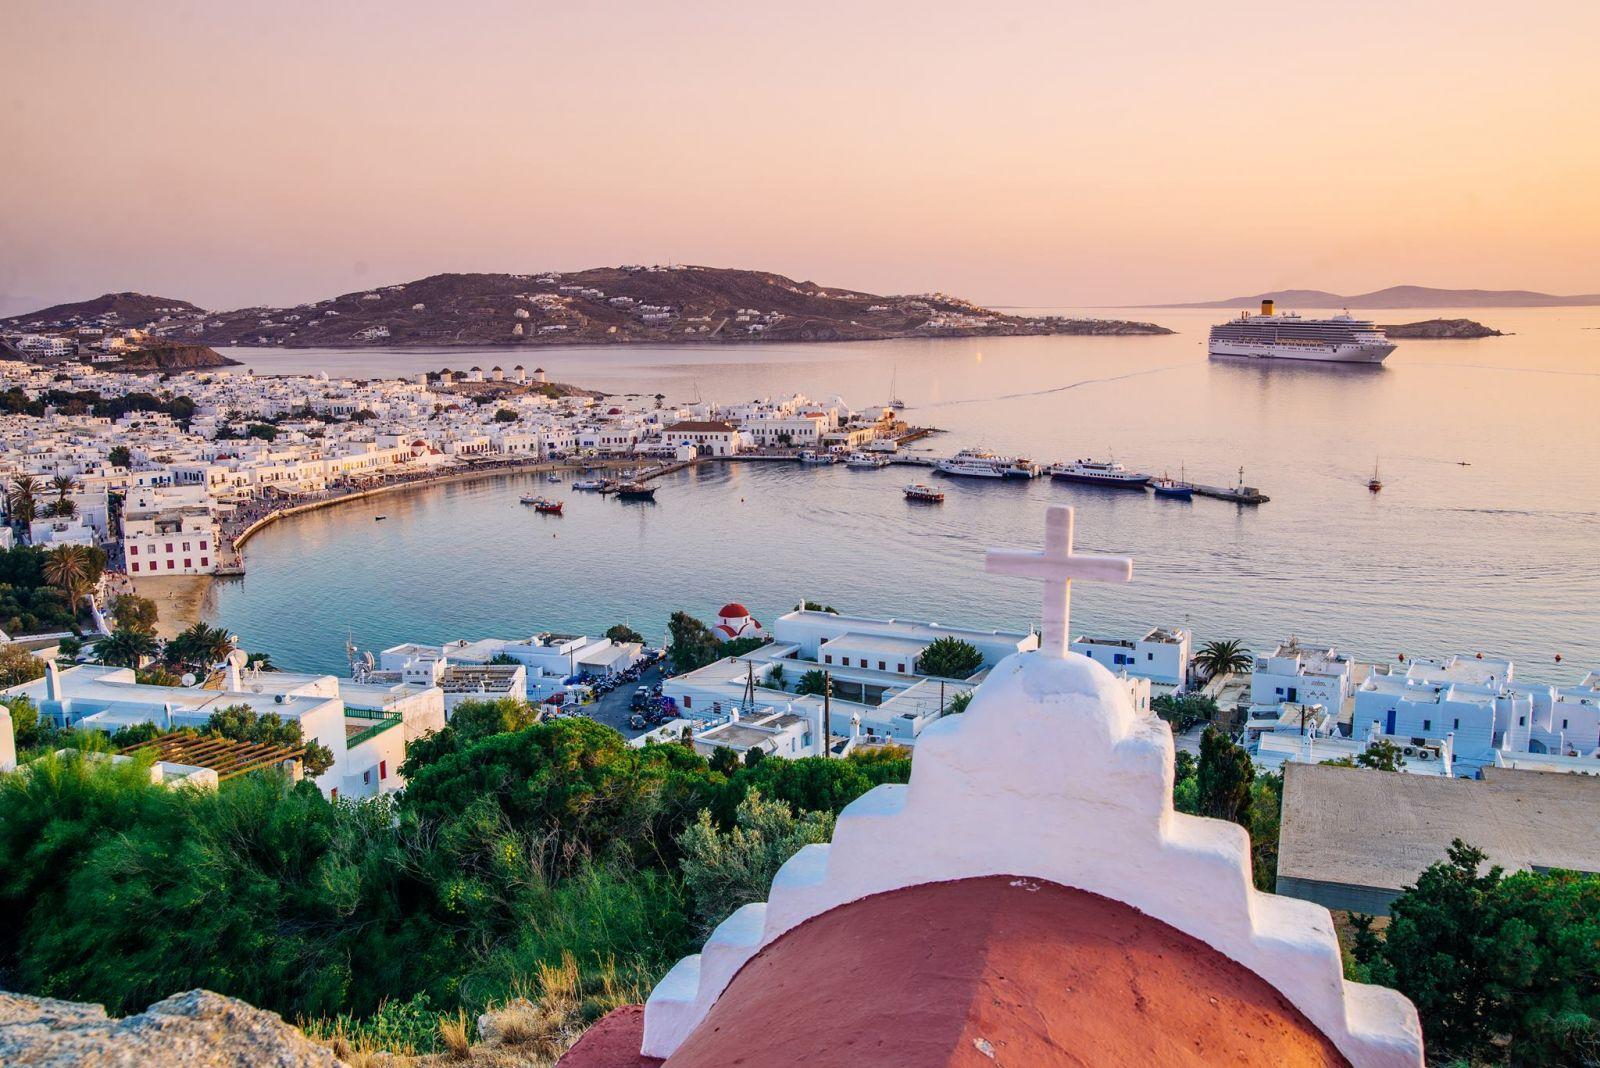 58 νέες τουριστικές επενδύσεις για ξενοδοχειακές μονάδες στις Κυκλάδες